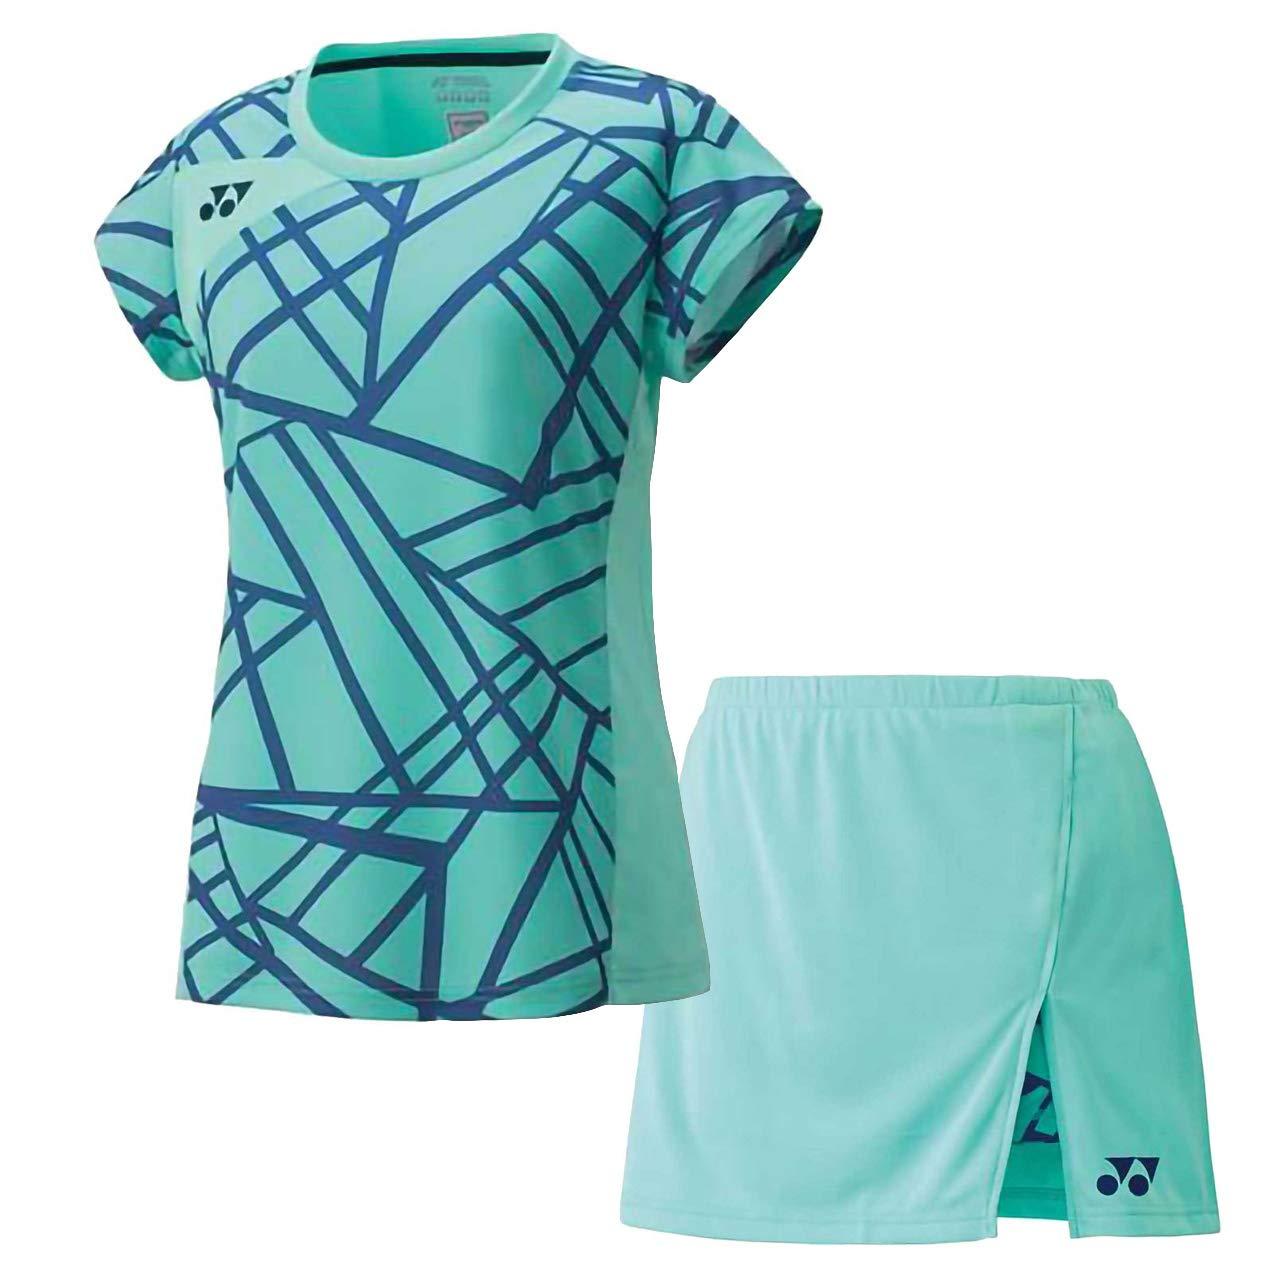 ヨネックス(YONEX) ウィメンズ ゲームシャツ&スカート(インナースパッツ付)上下セット(ミントブルー/ミントブルー) 20416-526-26043-526 L ミントブルー×ミントブルー B07KF2JGPX, LINBAK 0a7352a3